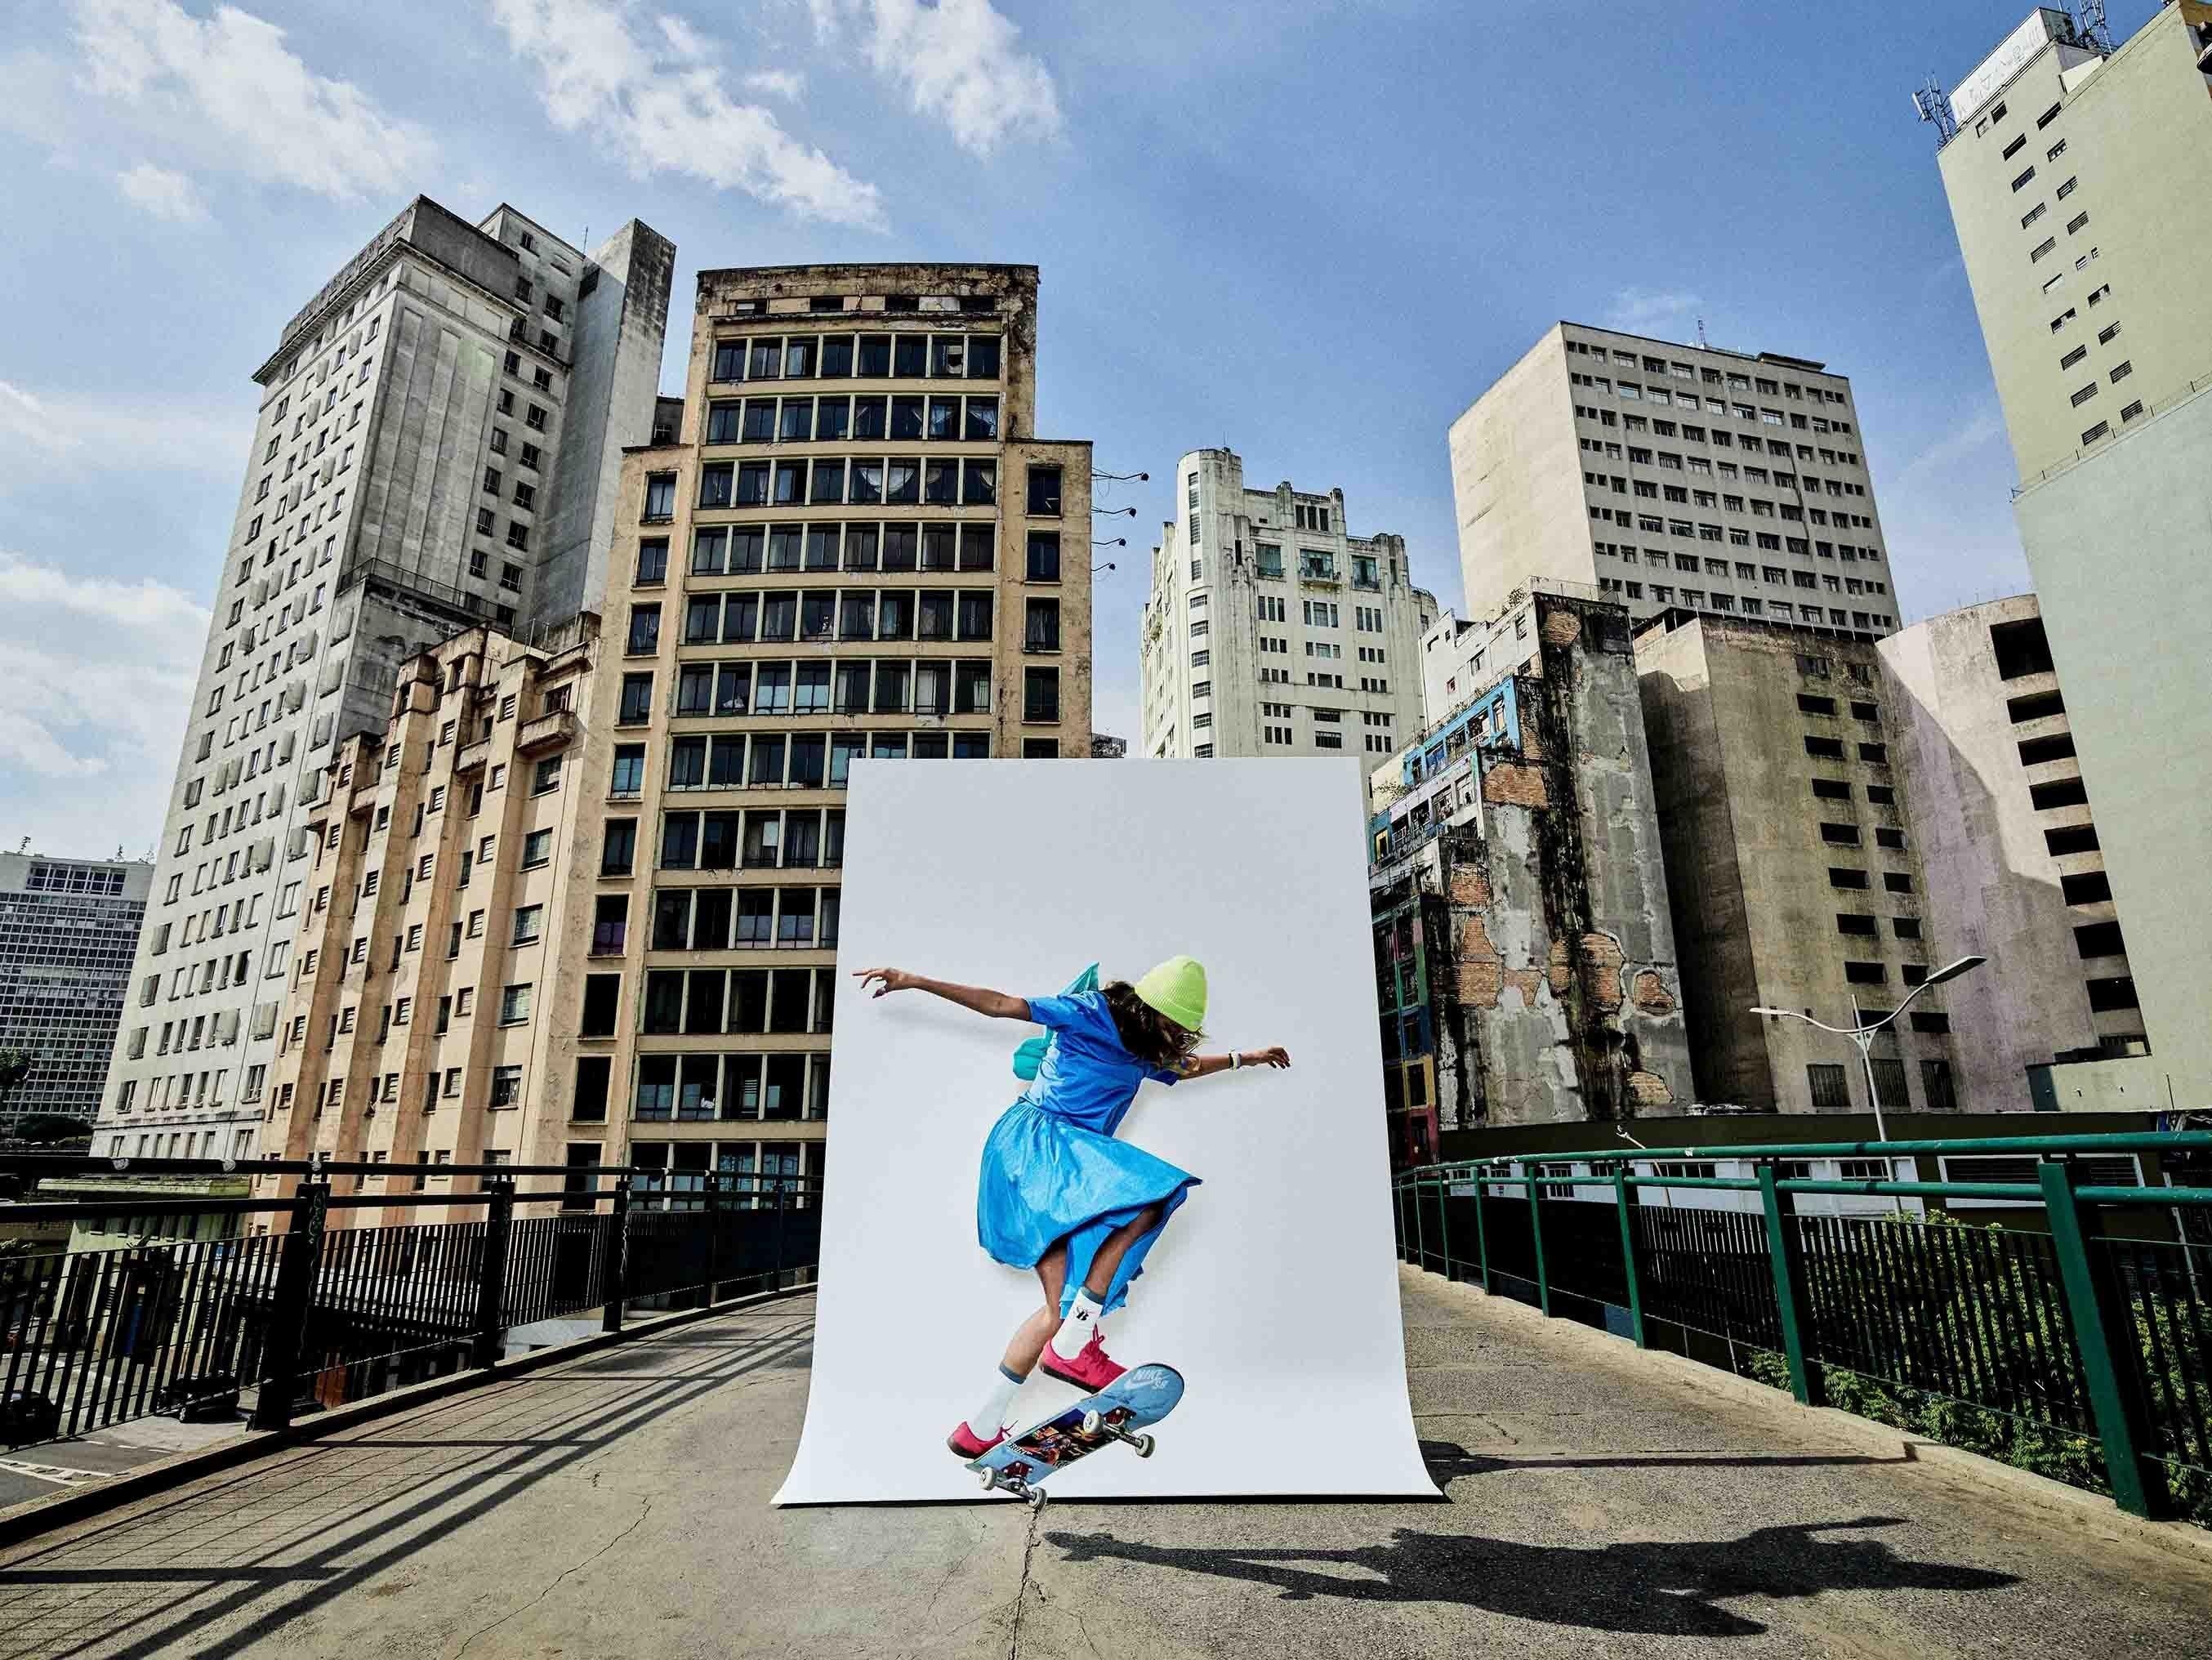 O sonho olímpico das marcas: 5 campanhas emocionantes sobre Tóquio-20